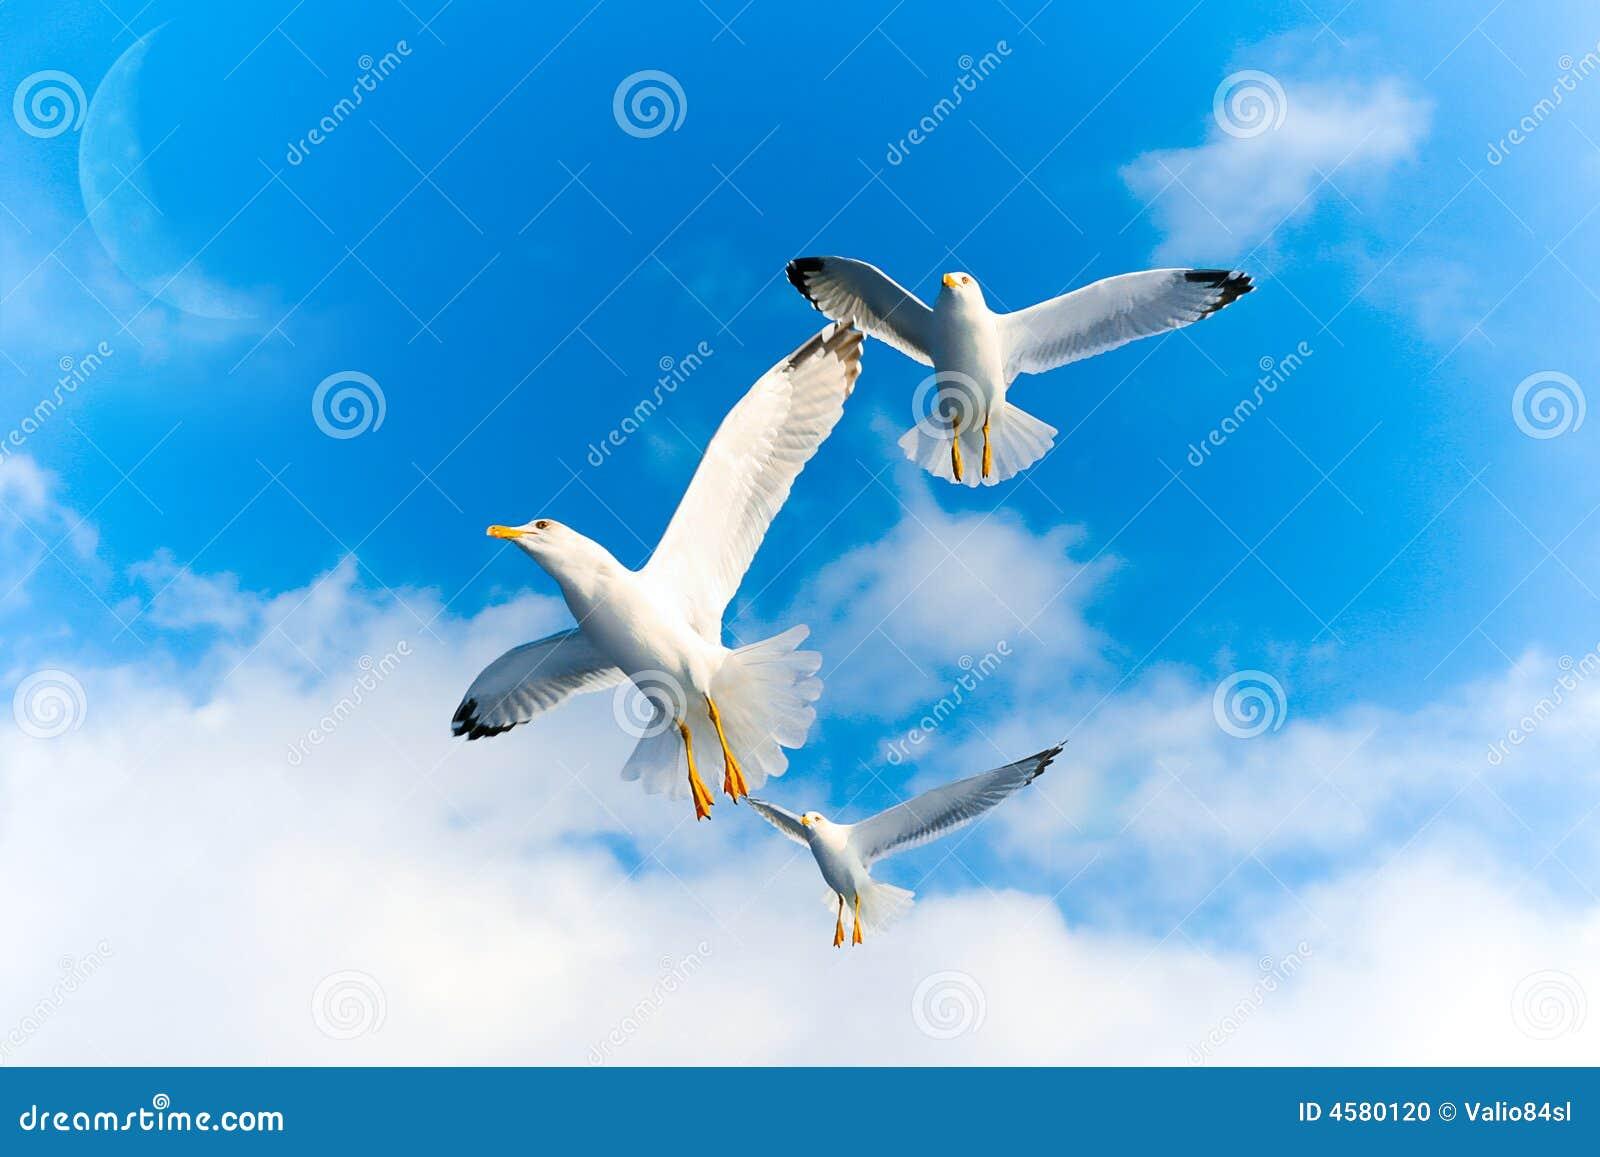 Πουλιά που πετούν τον ουρανό mr no pr no 5